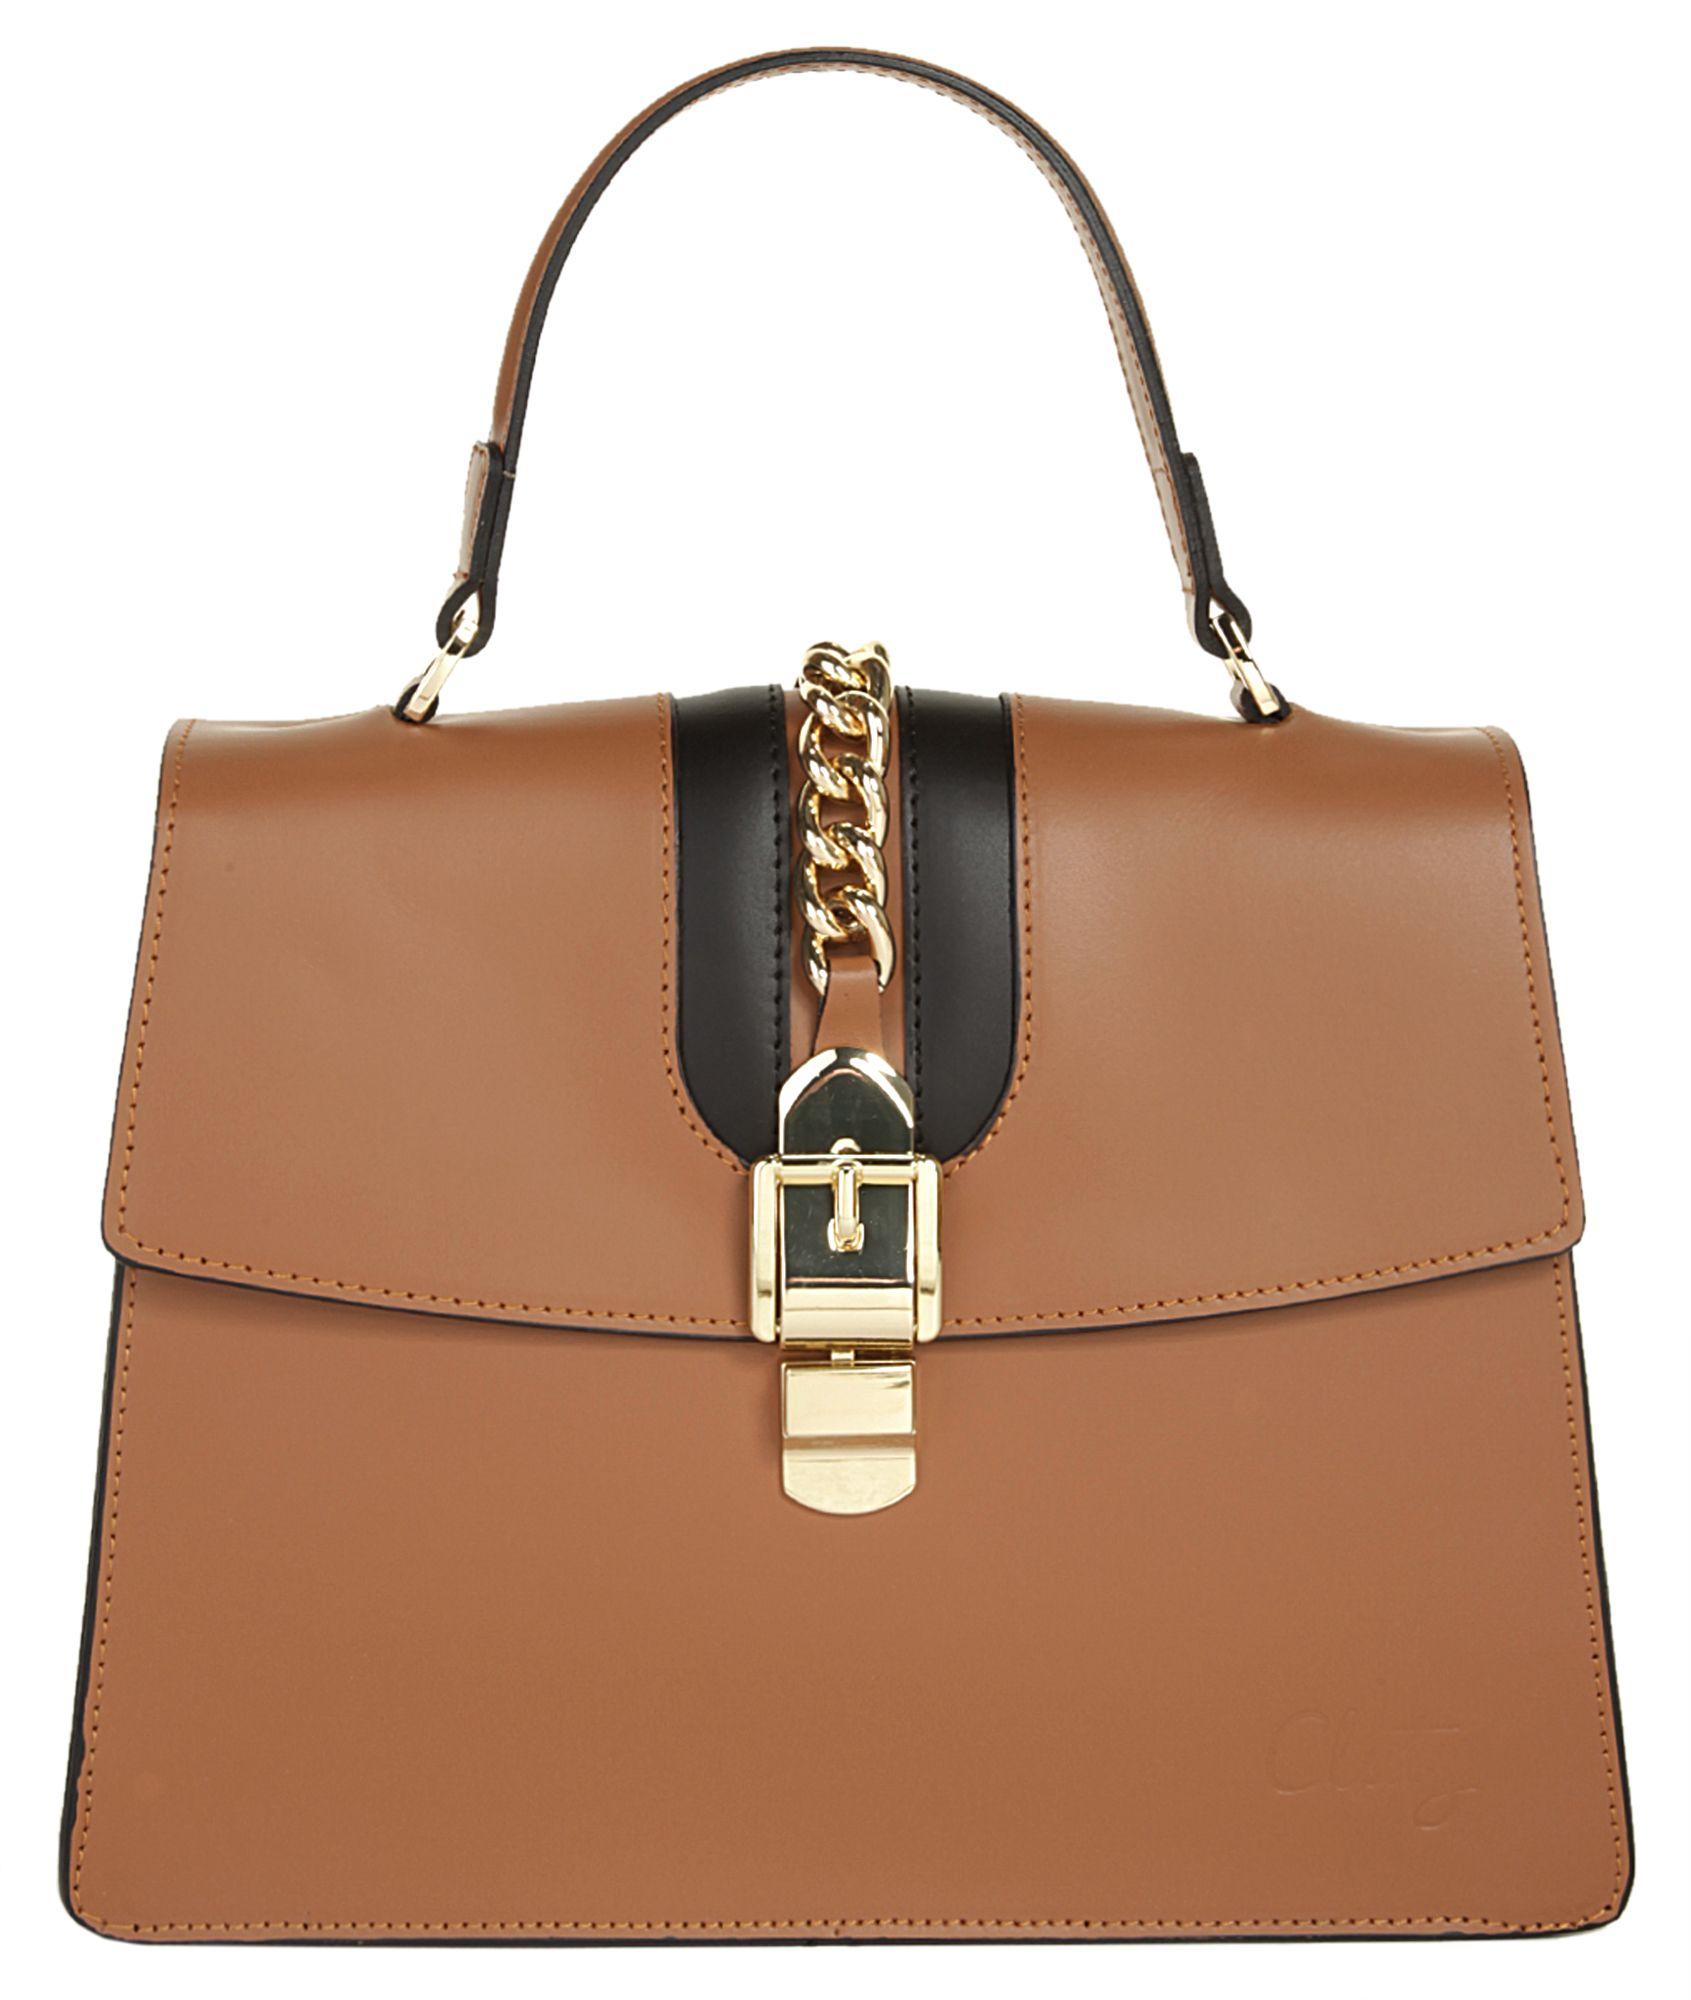 CLUTY Cluty Handtasche